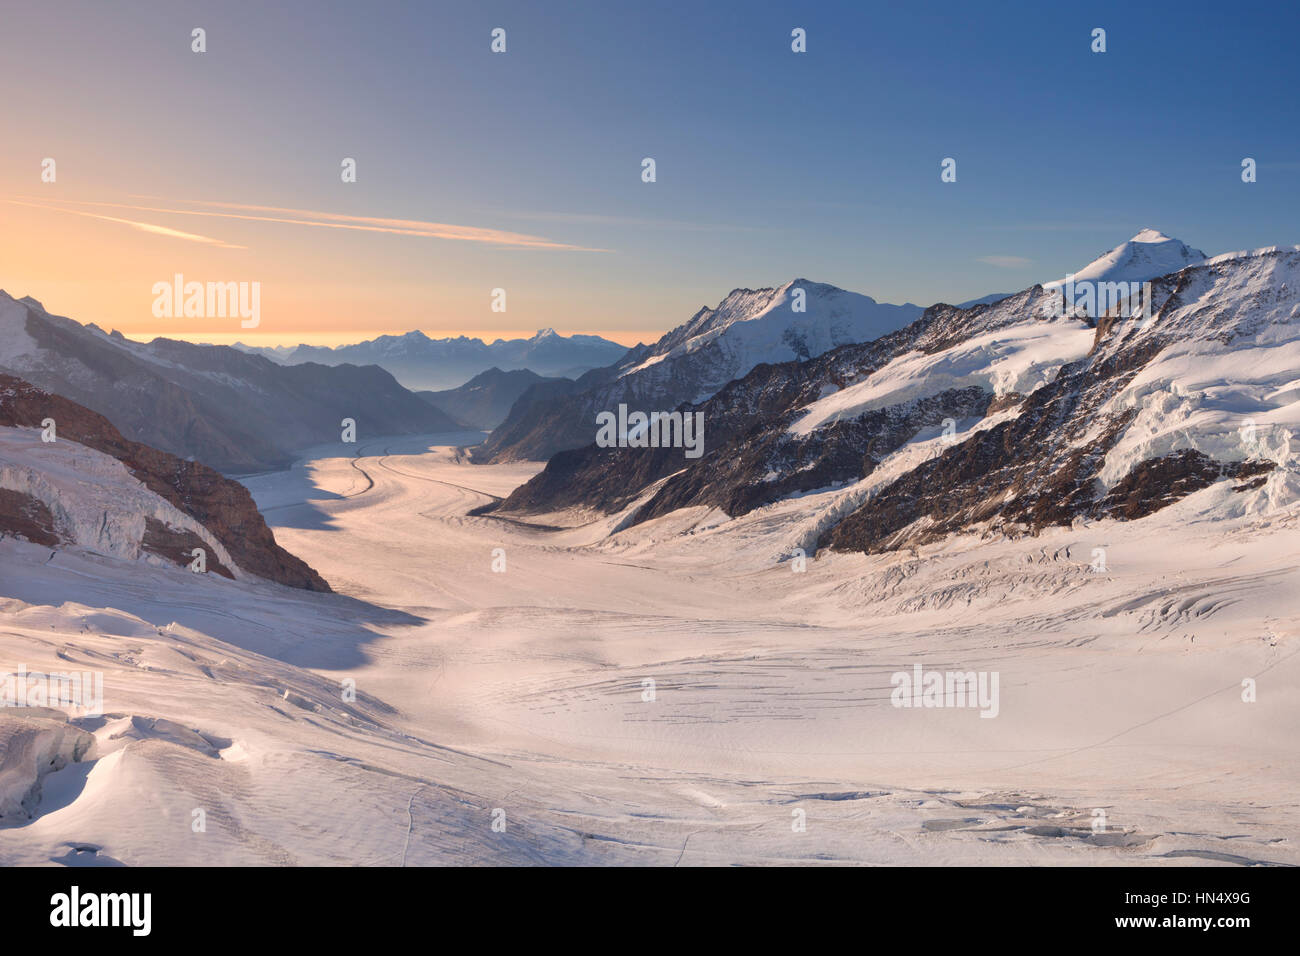 Amanecer sobre el glaciar Aletsch del Jungfraujoch en Suiza, en una mañana clara. Imagen De Stock